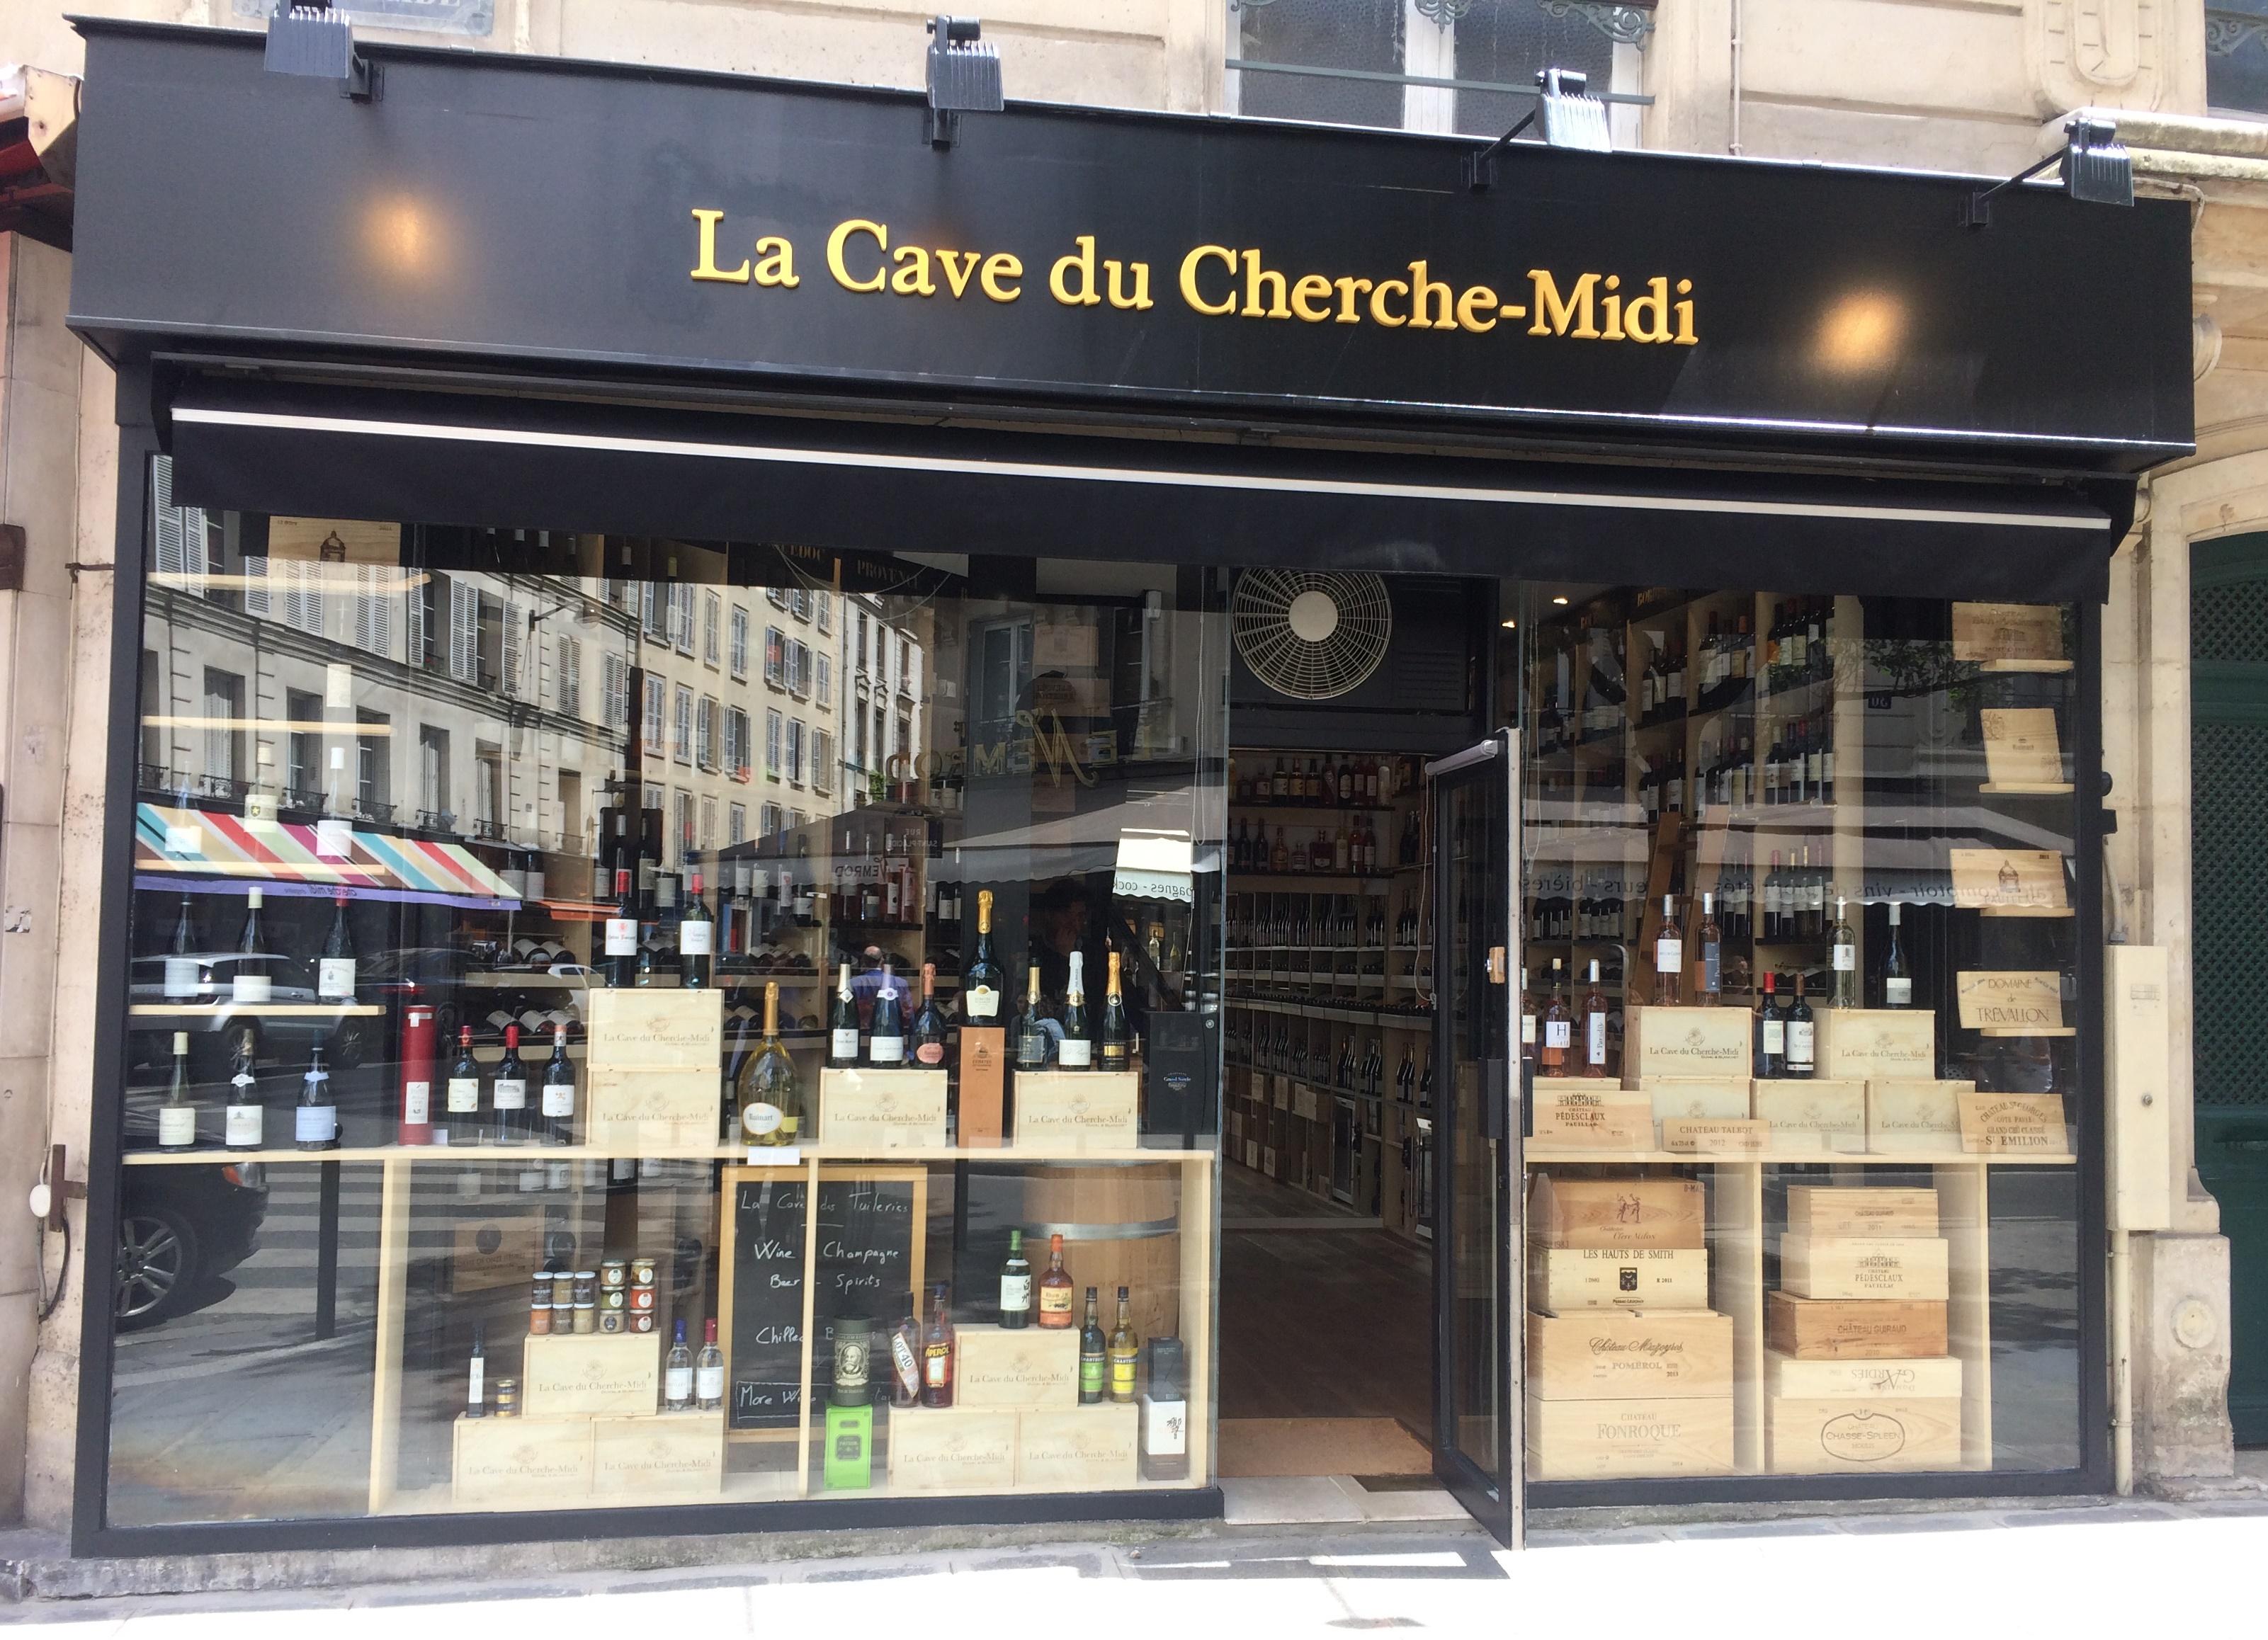 La cave du cherche midi paris buy wine online bordeaux burgundy champagne spirits - La cantine du troquet cherche midi ...